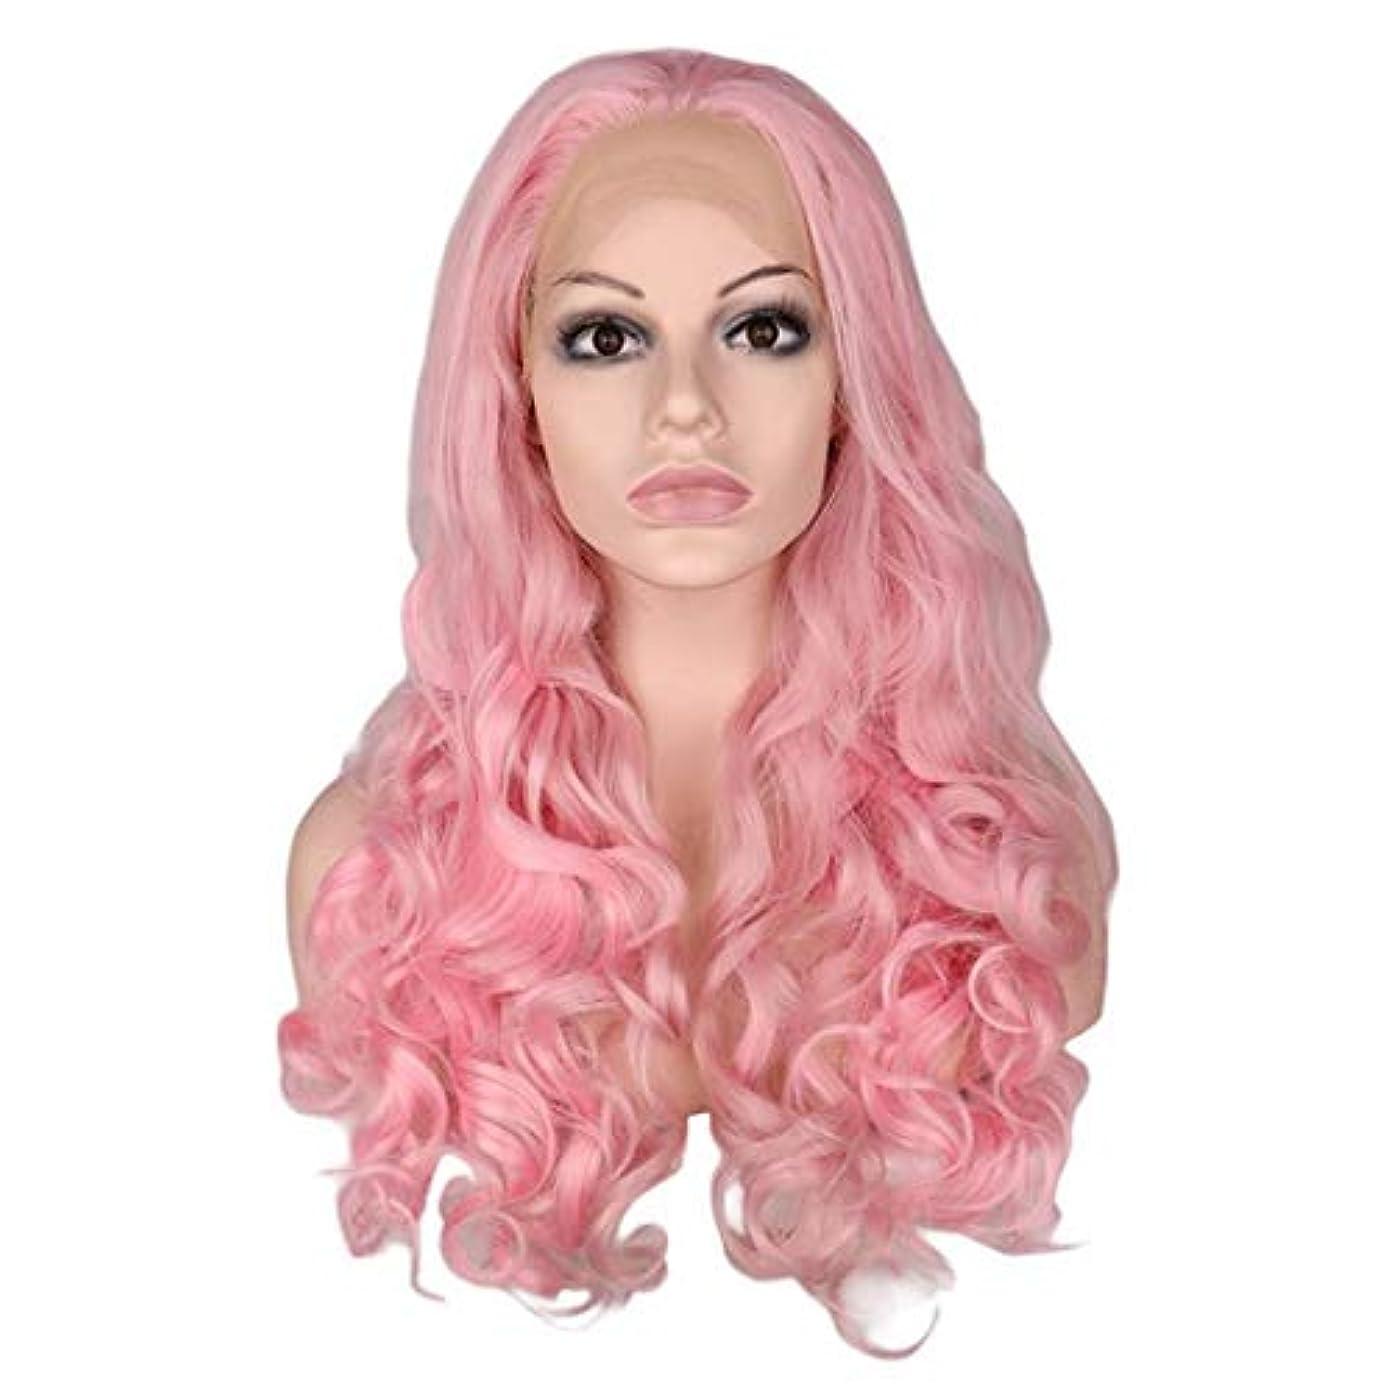 尊敬する懐疑論気難しいJIANFU フロントレースウィッグ女性ヨーロッパとアメリカのウィッグピンクビッグウェーブロングカーリーヘアウィッグ (Color : ピンク)